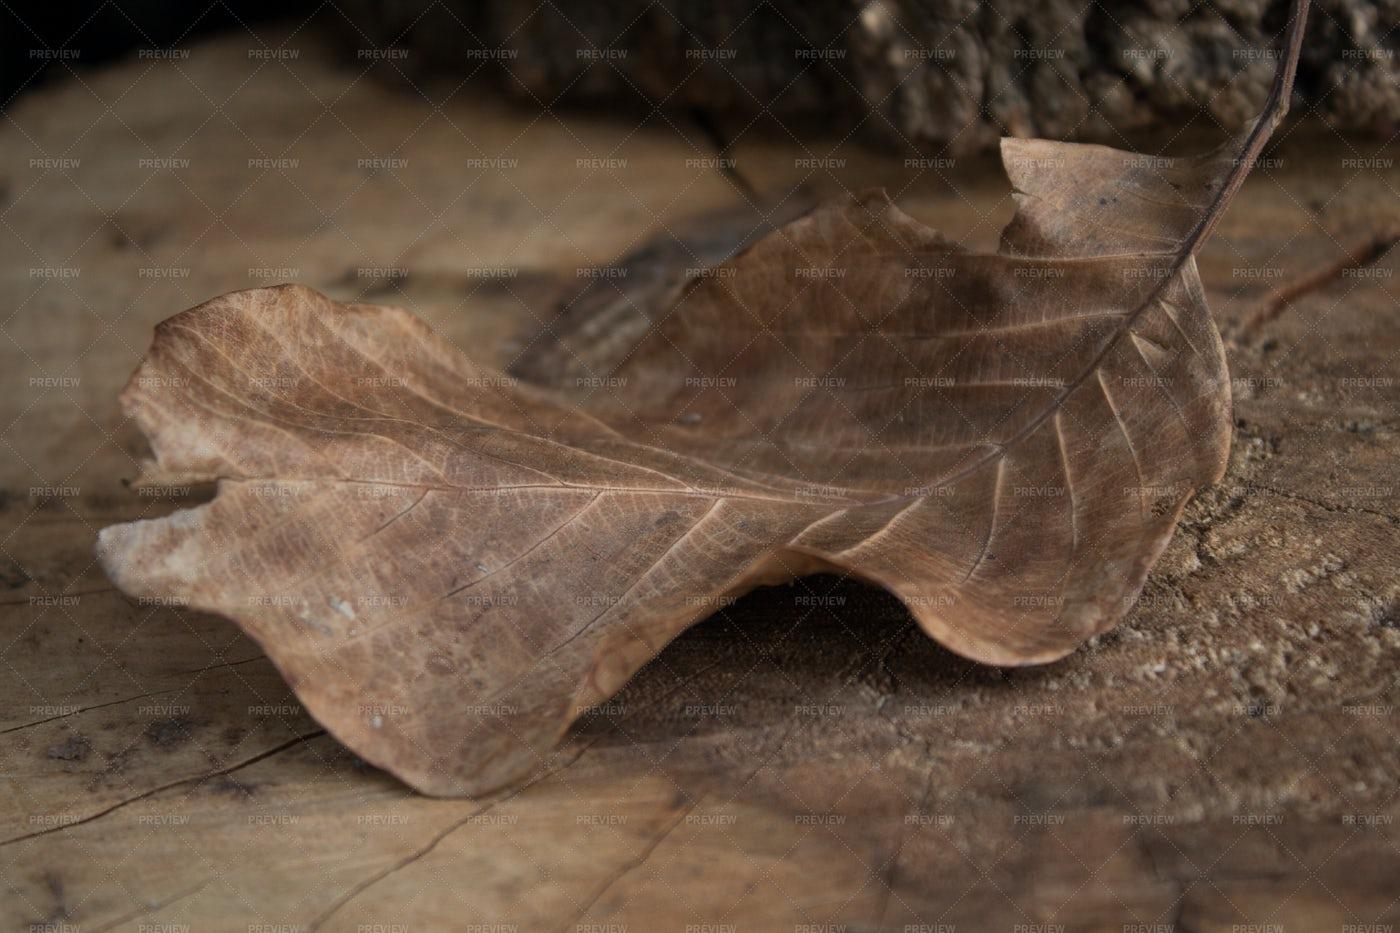 Autumn Leaf On Stump: Stock Photos